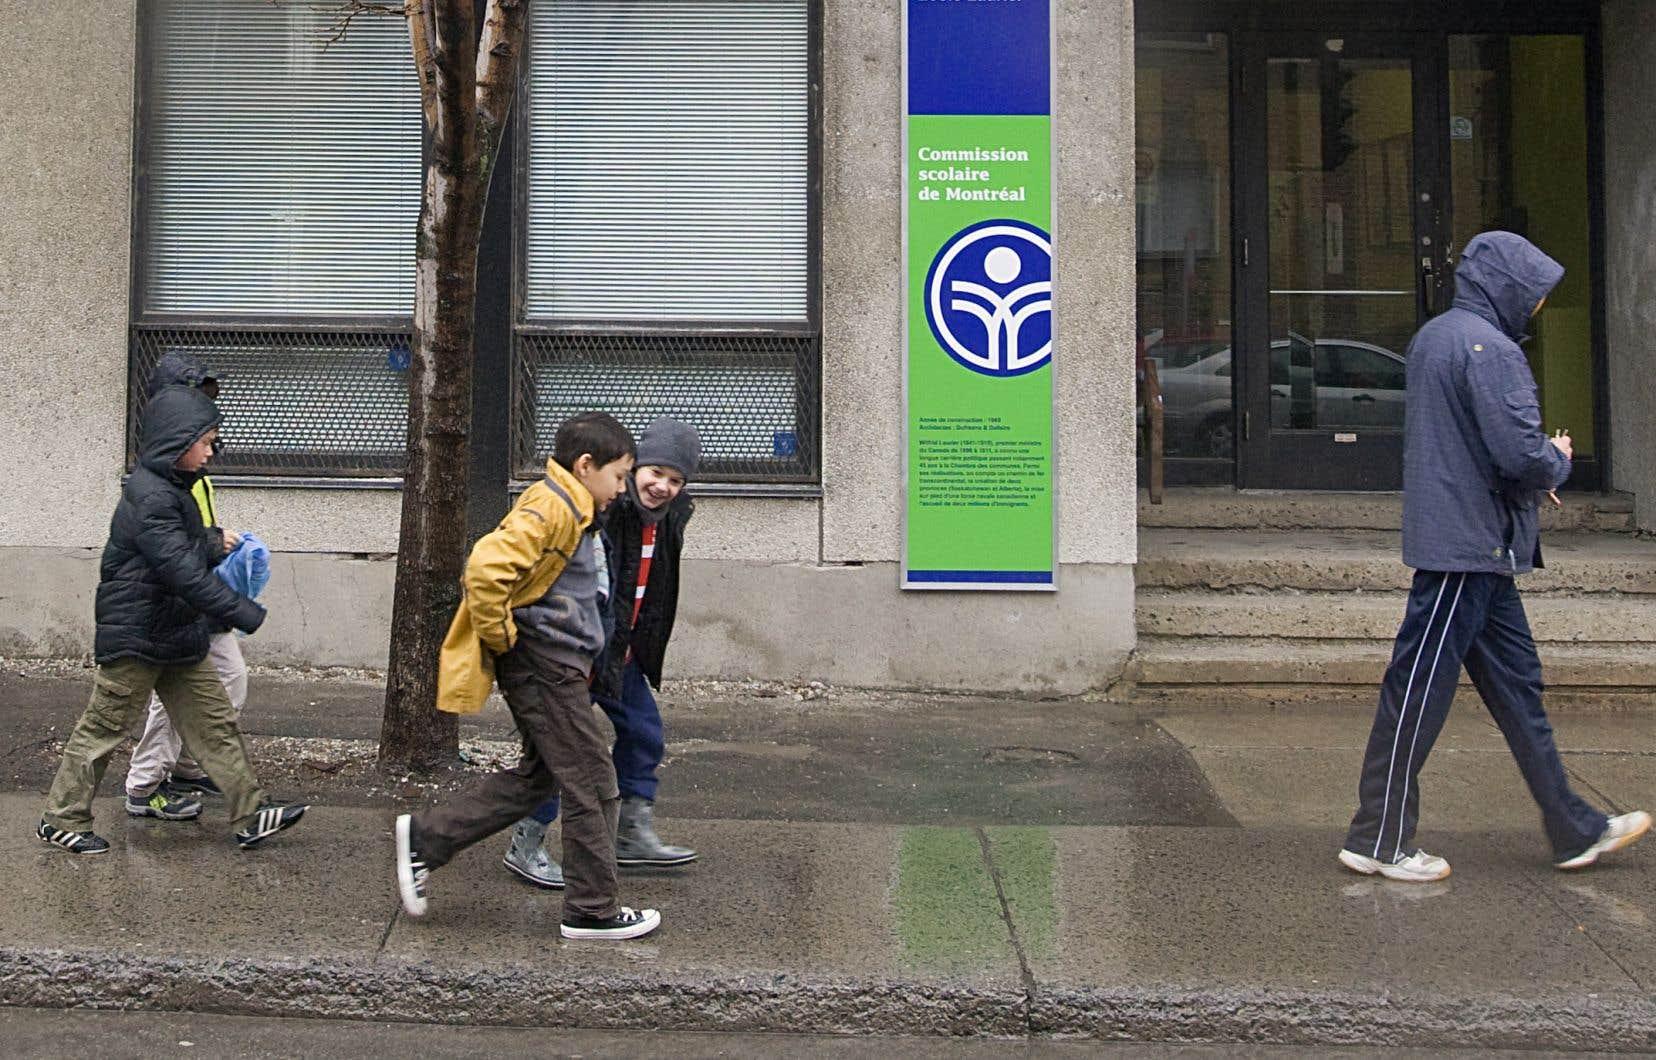 La journée de grève sera tenue par environ8800 enseignants de la Commission scolaire de Montréal (CSDM).